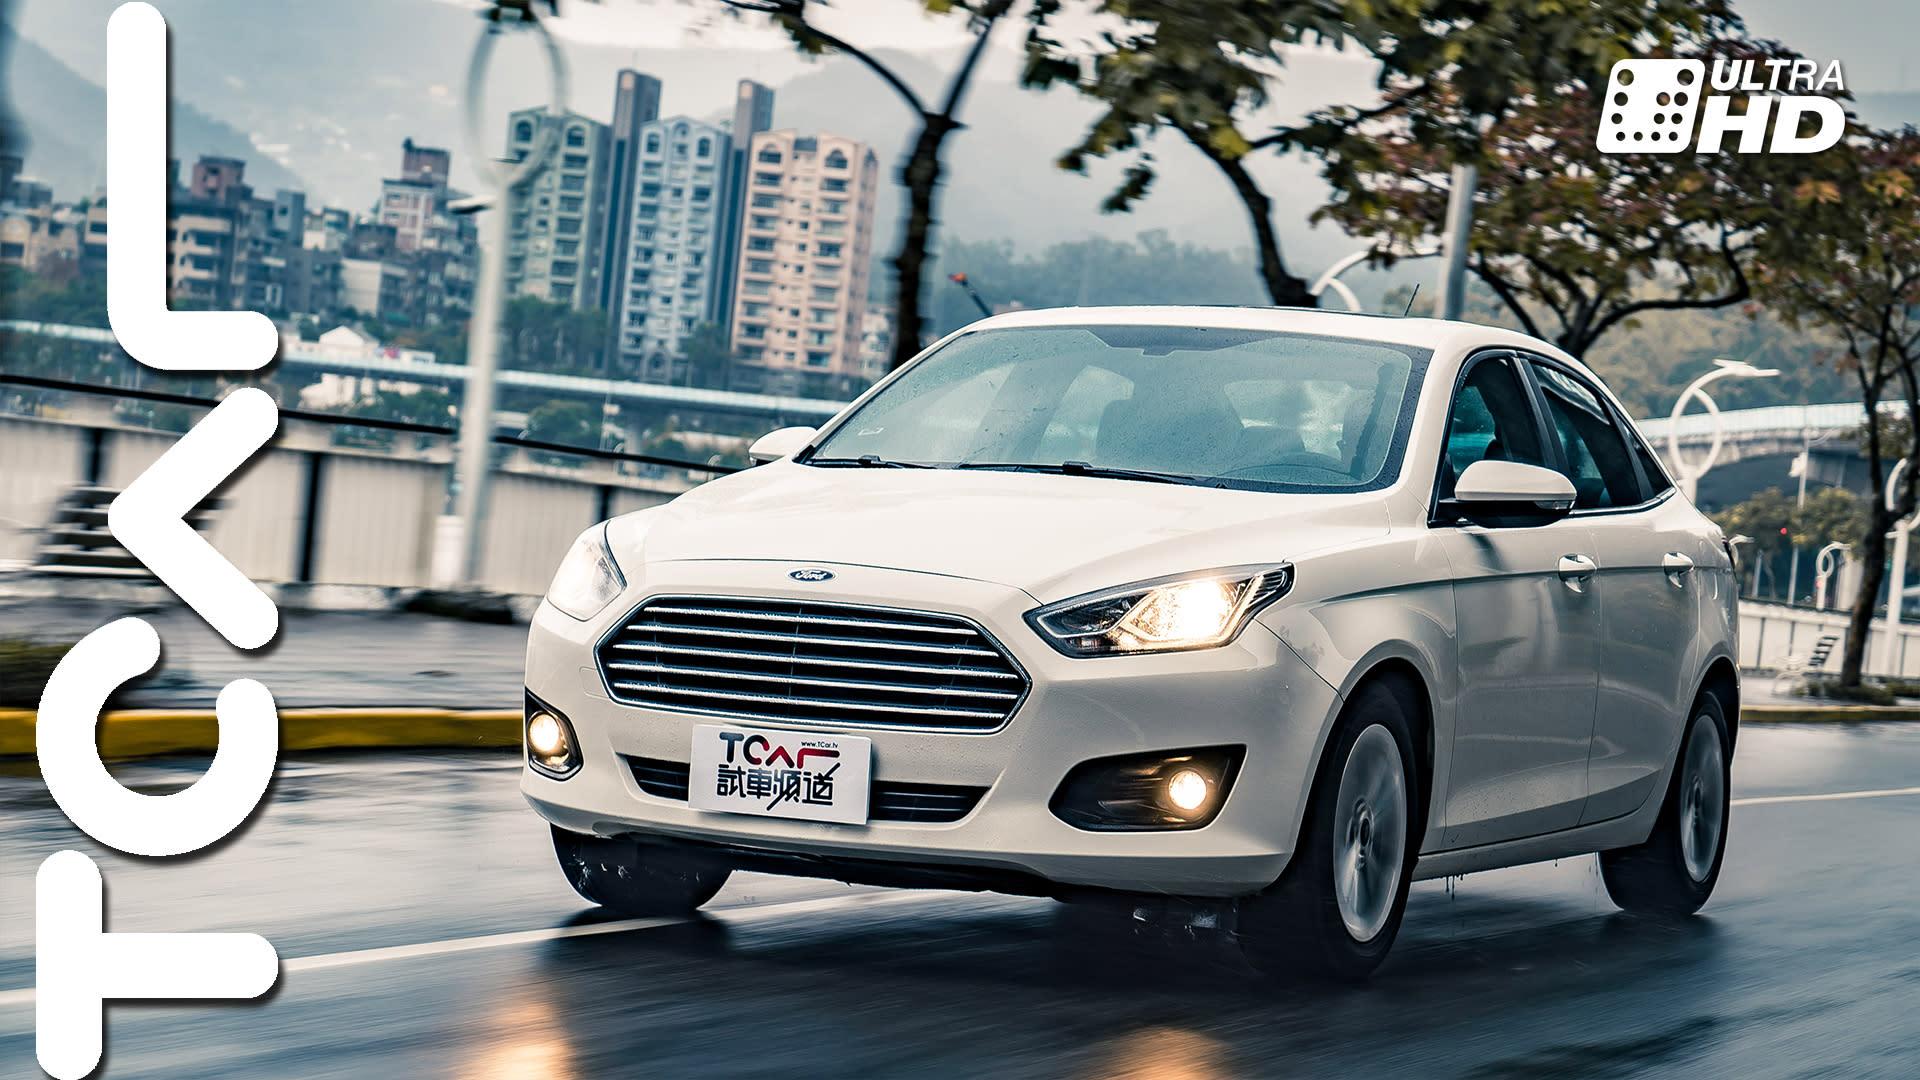 新世代小金剛 Ford Escort 時尚型 新車試駕 - TCAR